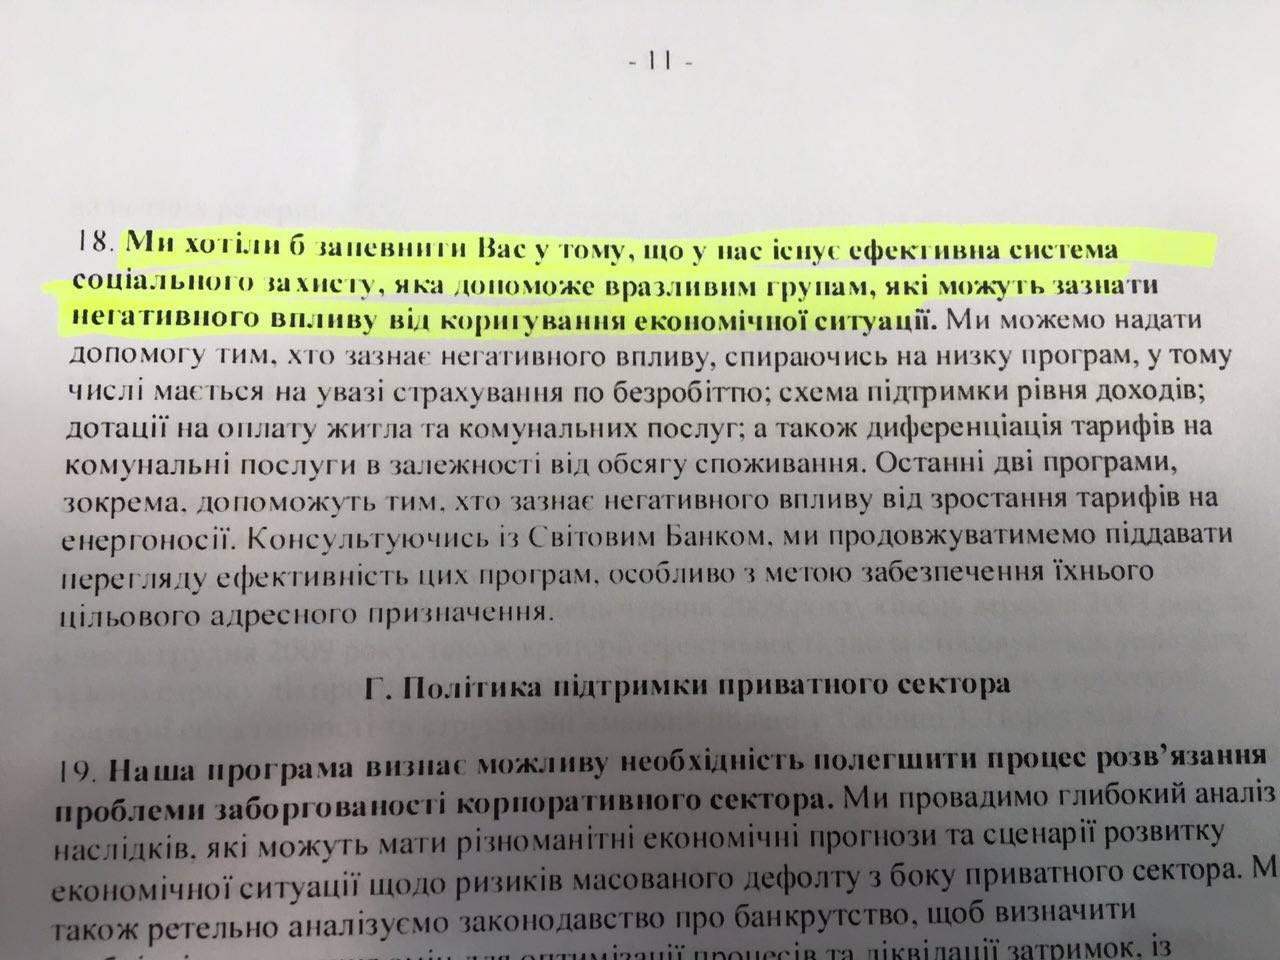 Як Тимошенко хотіла у 2008 році зрадити українців з МВФ (ДОКУМЕНТ) - фото 1